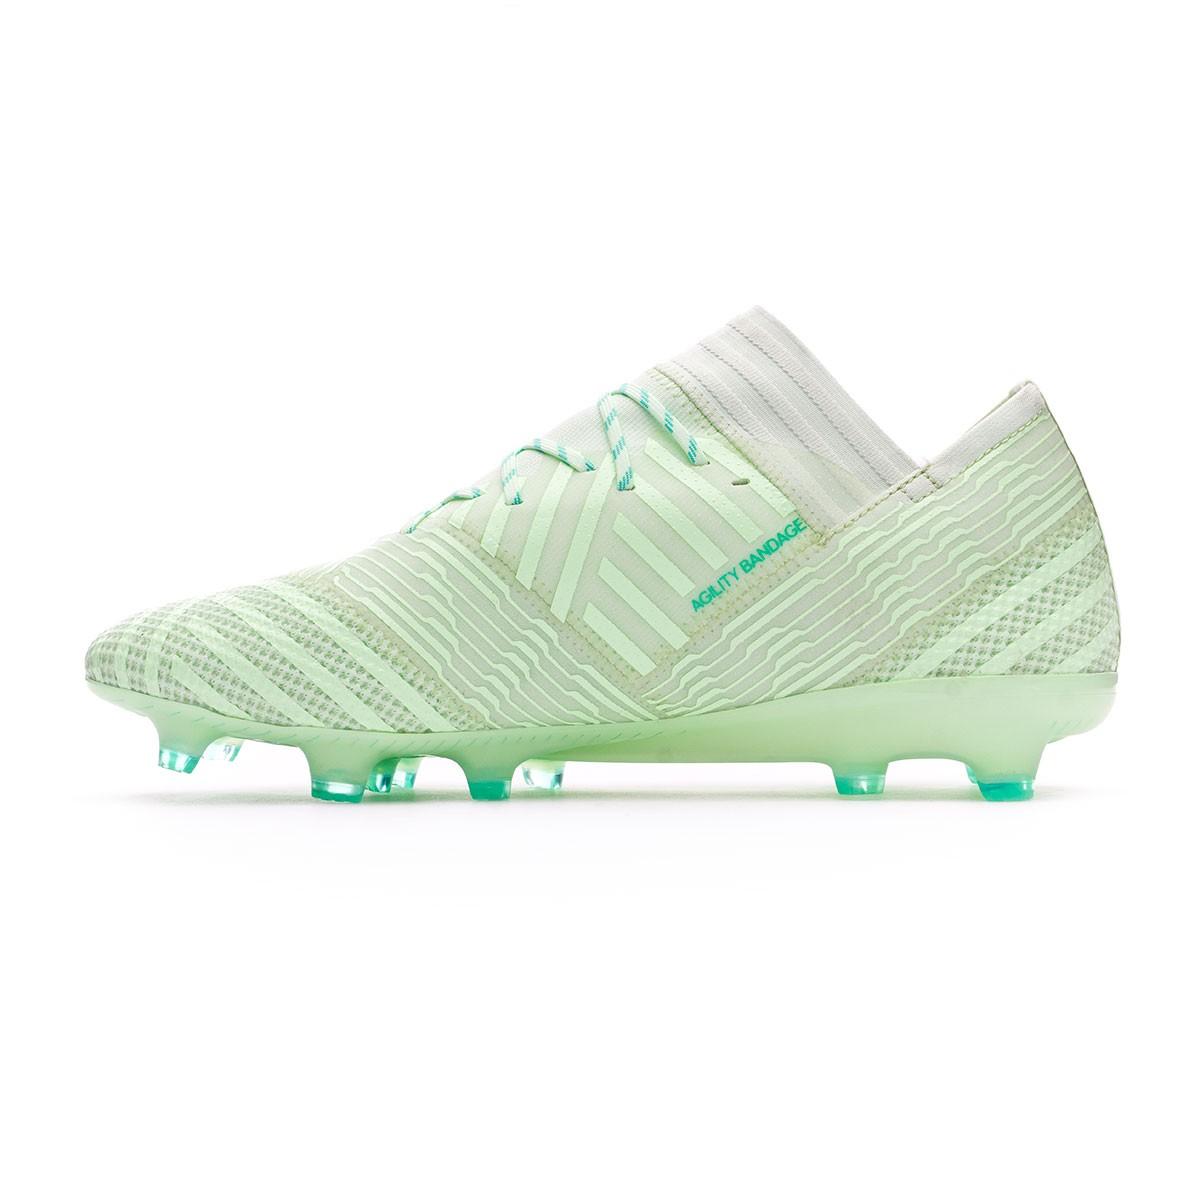 scarpe calcio adidas bambino 17.1